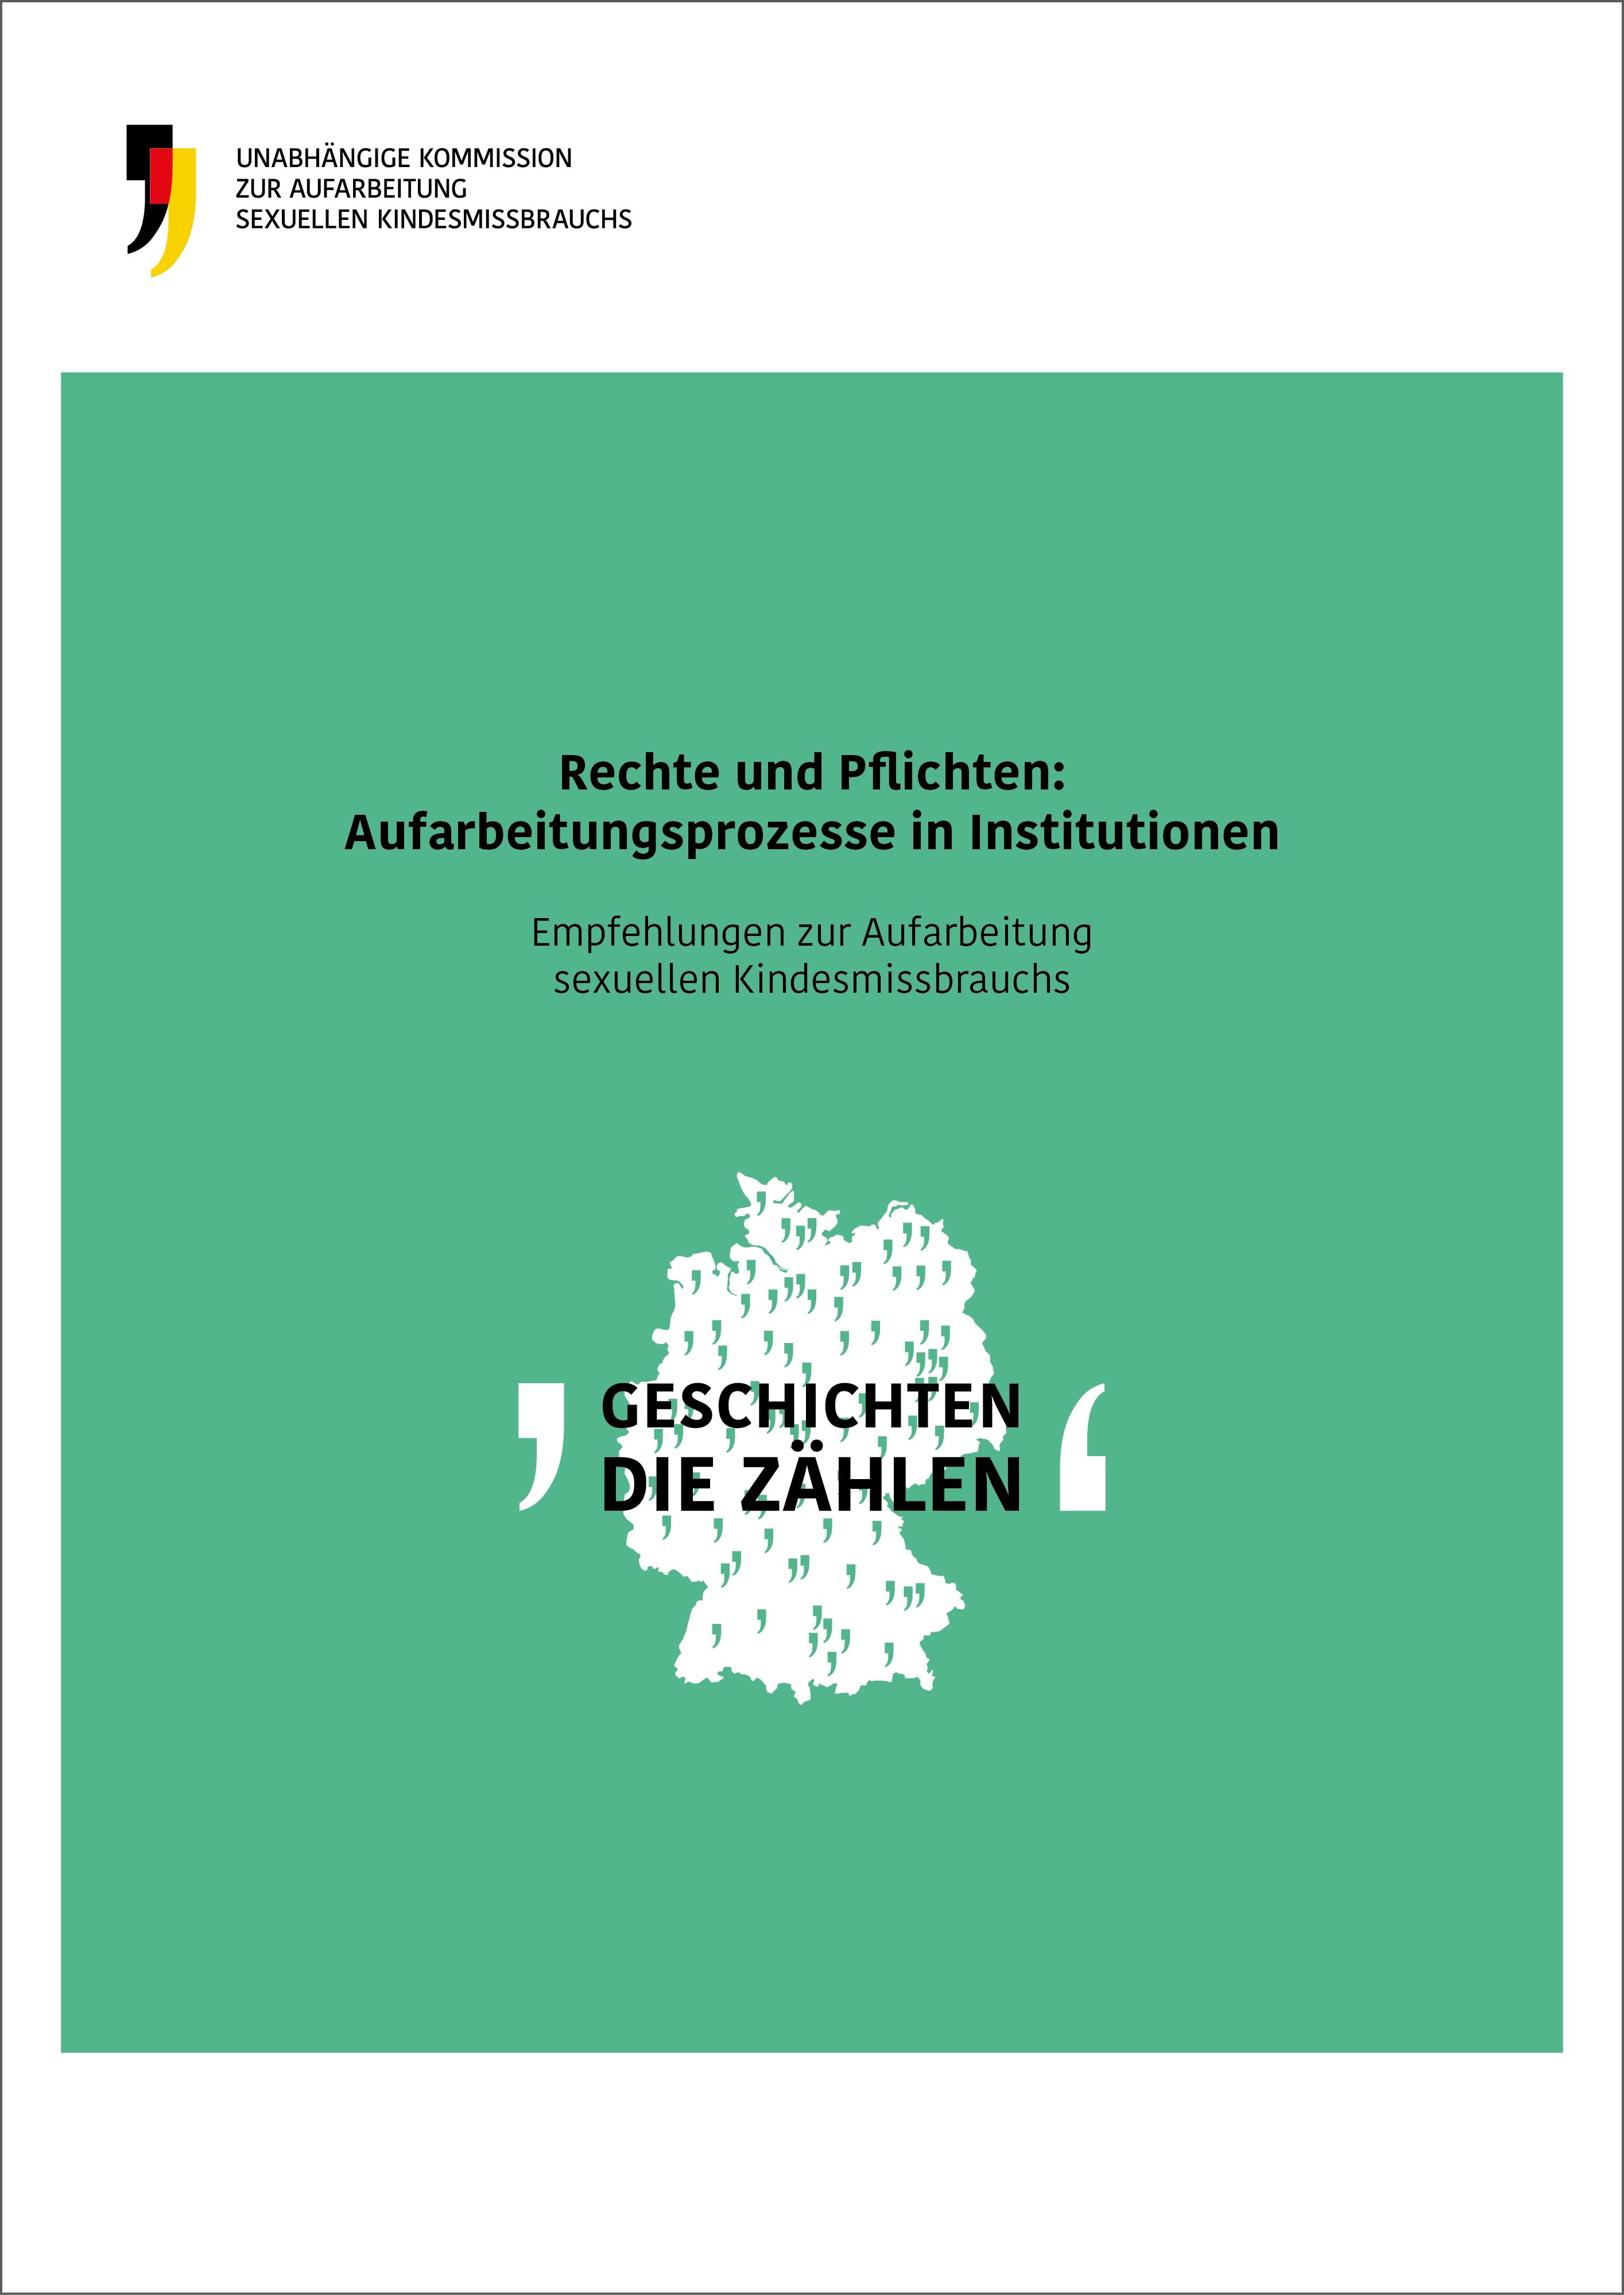 Cover der Empfehlungen zur Aufarbeitung in Institutionen